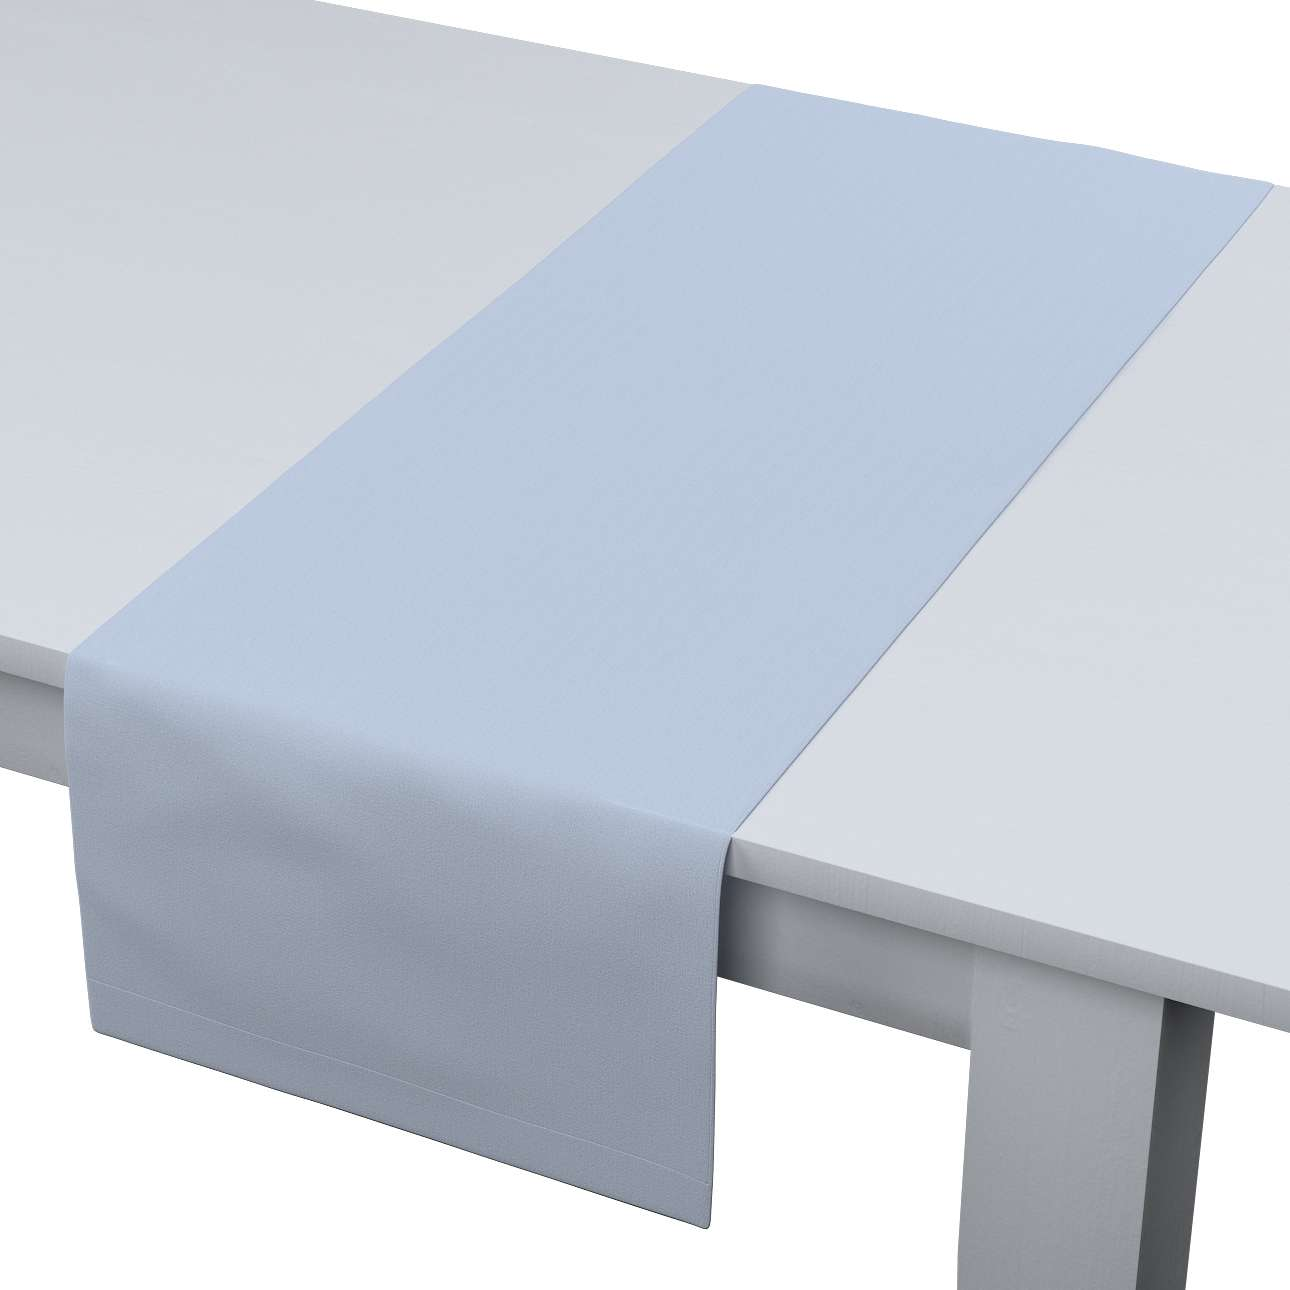 Bieżnik prostokątny 40x130 cm w kolekcji Loneta, tkanina: 133-35